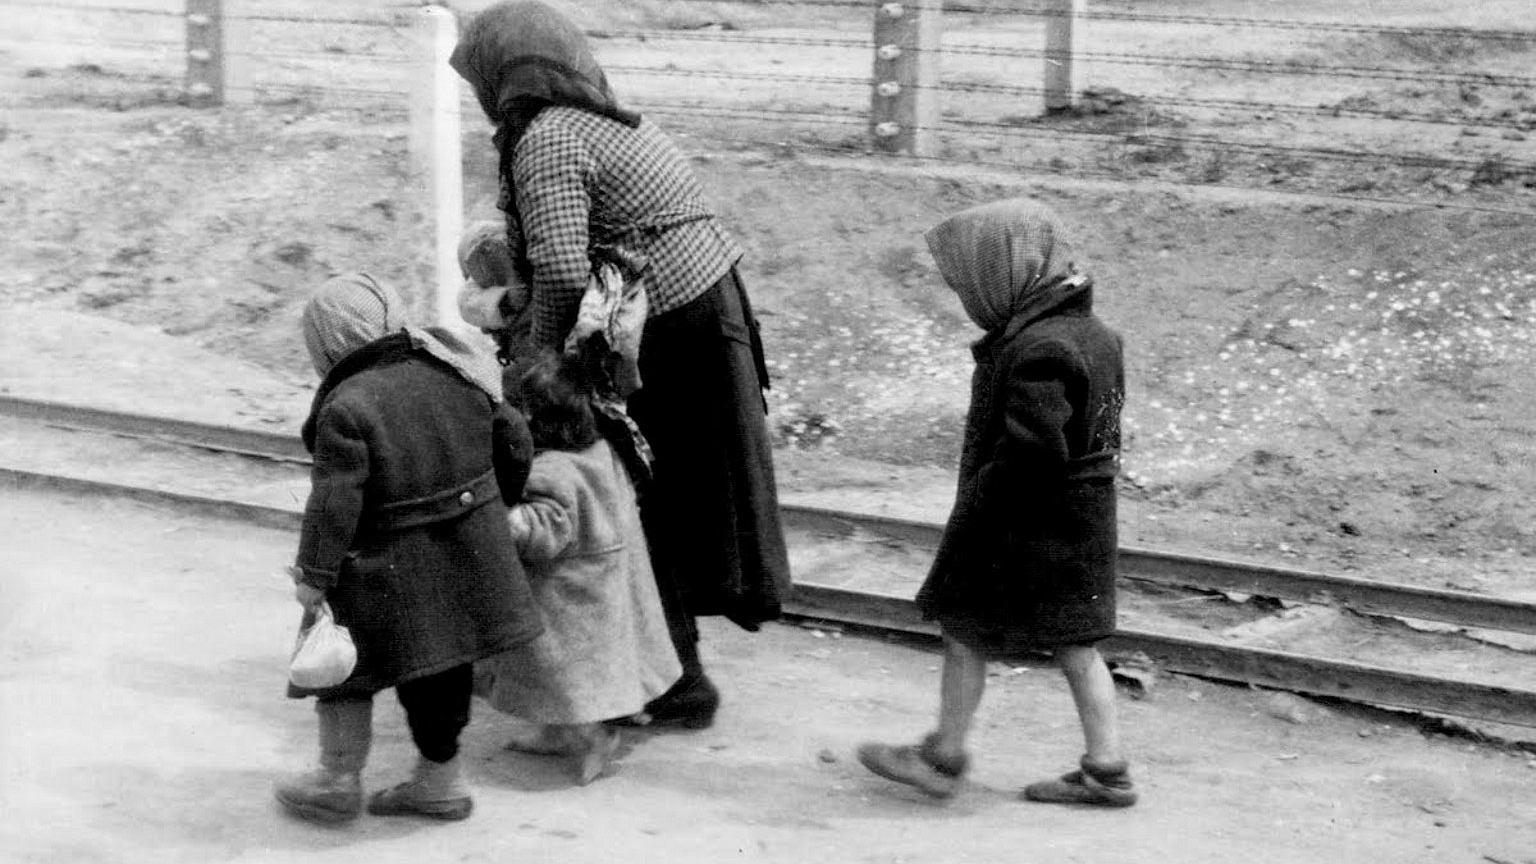 Miała Trzy Lata Gdy Została Więźniem Auschwitz